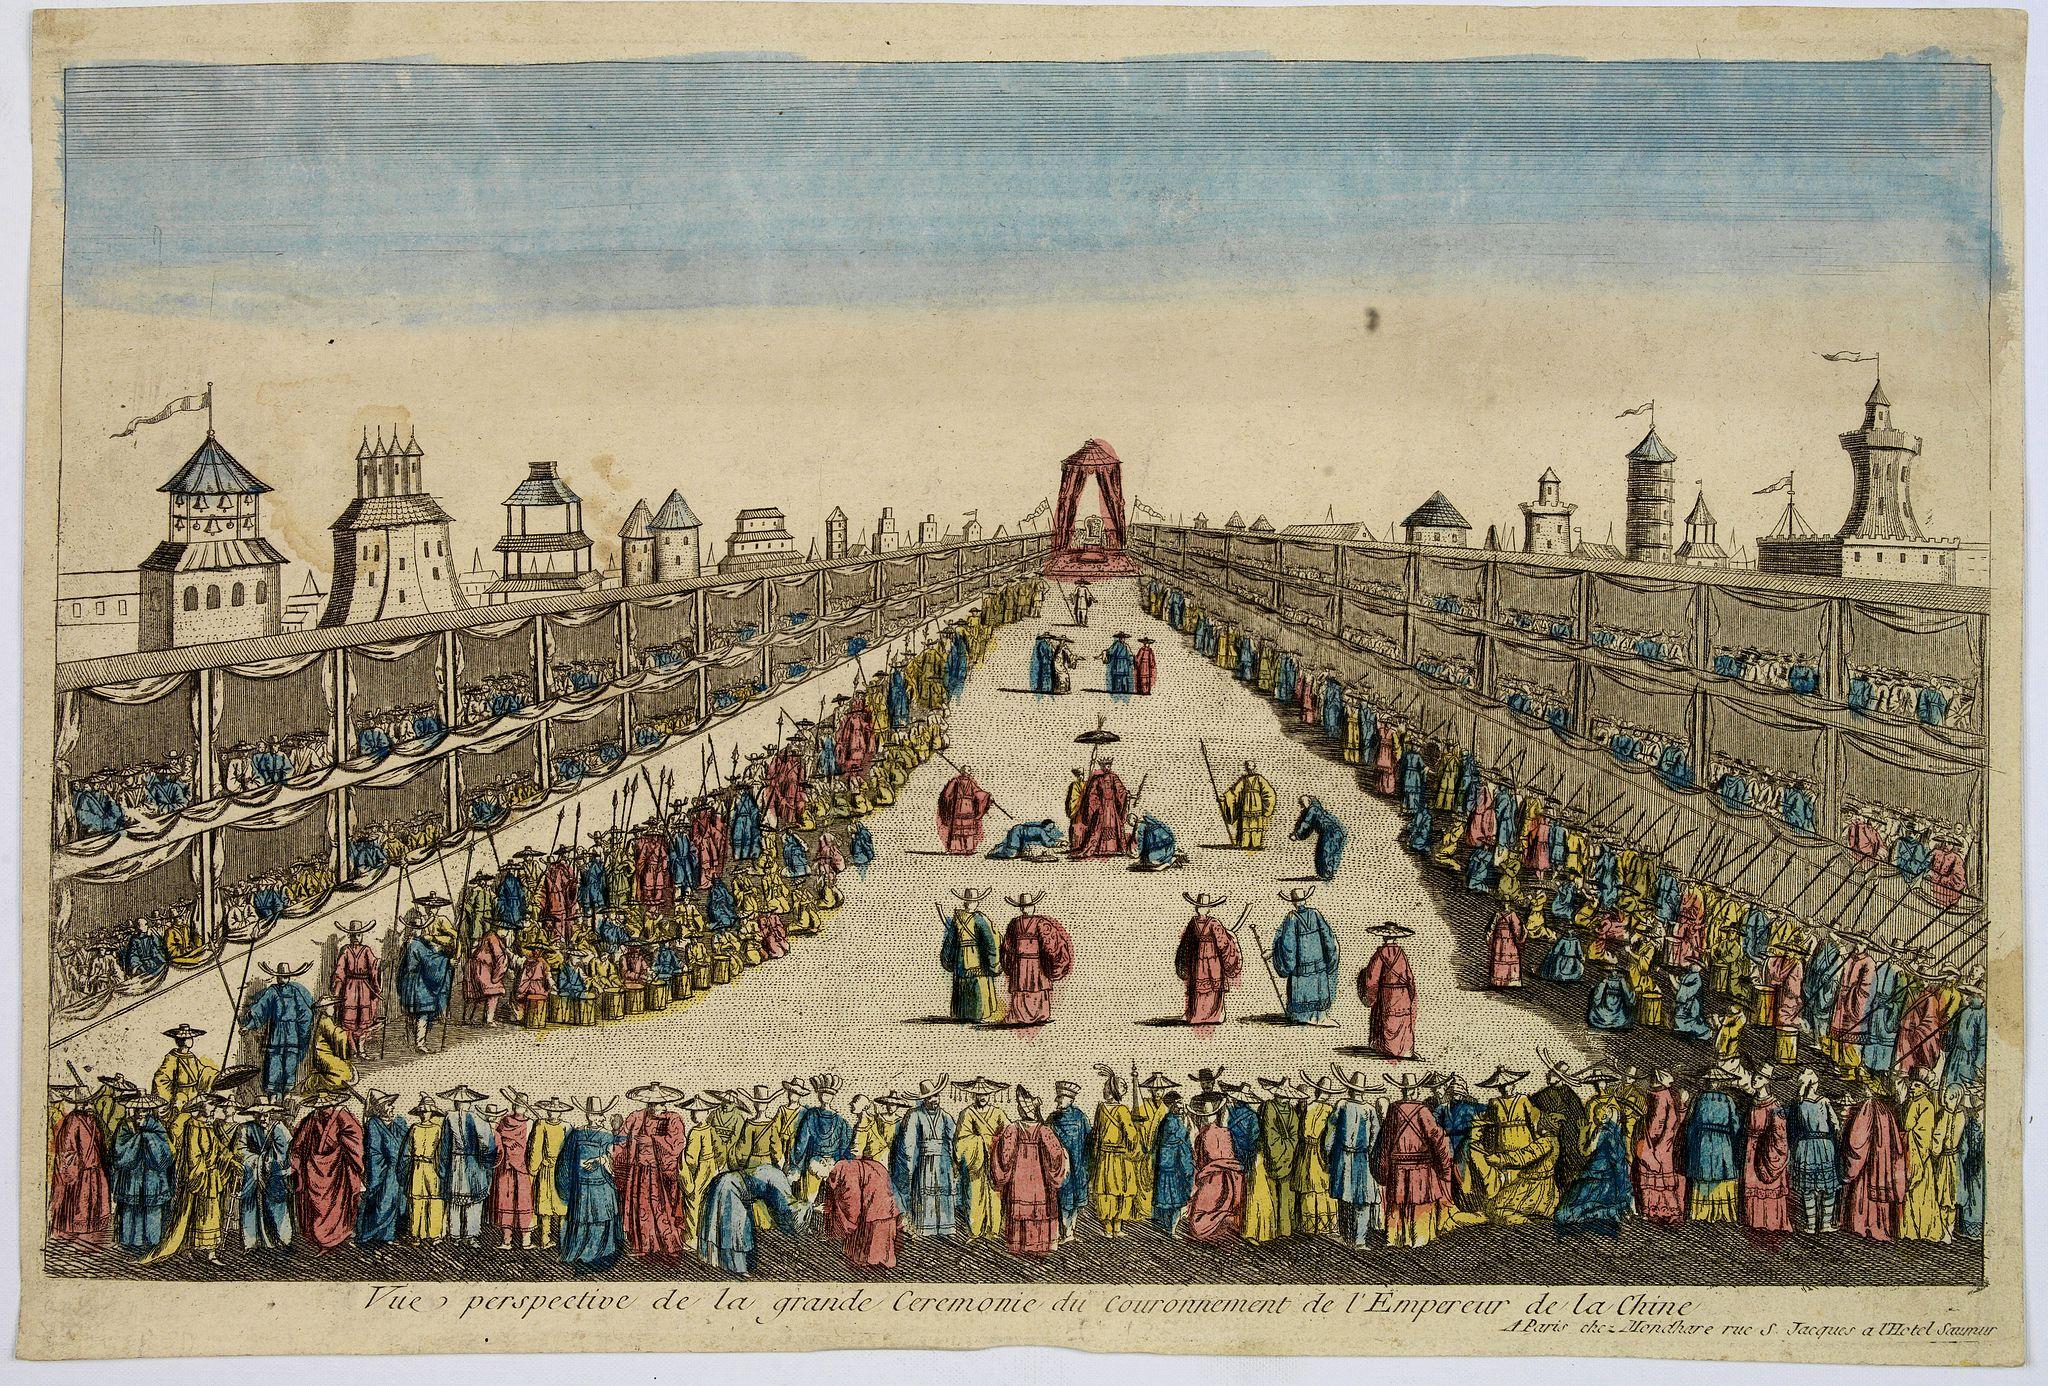 MONDHARE -  Vue perspective de la grande Ceremonie du Couronnement de l'Empereur de la Chine.